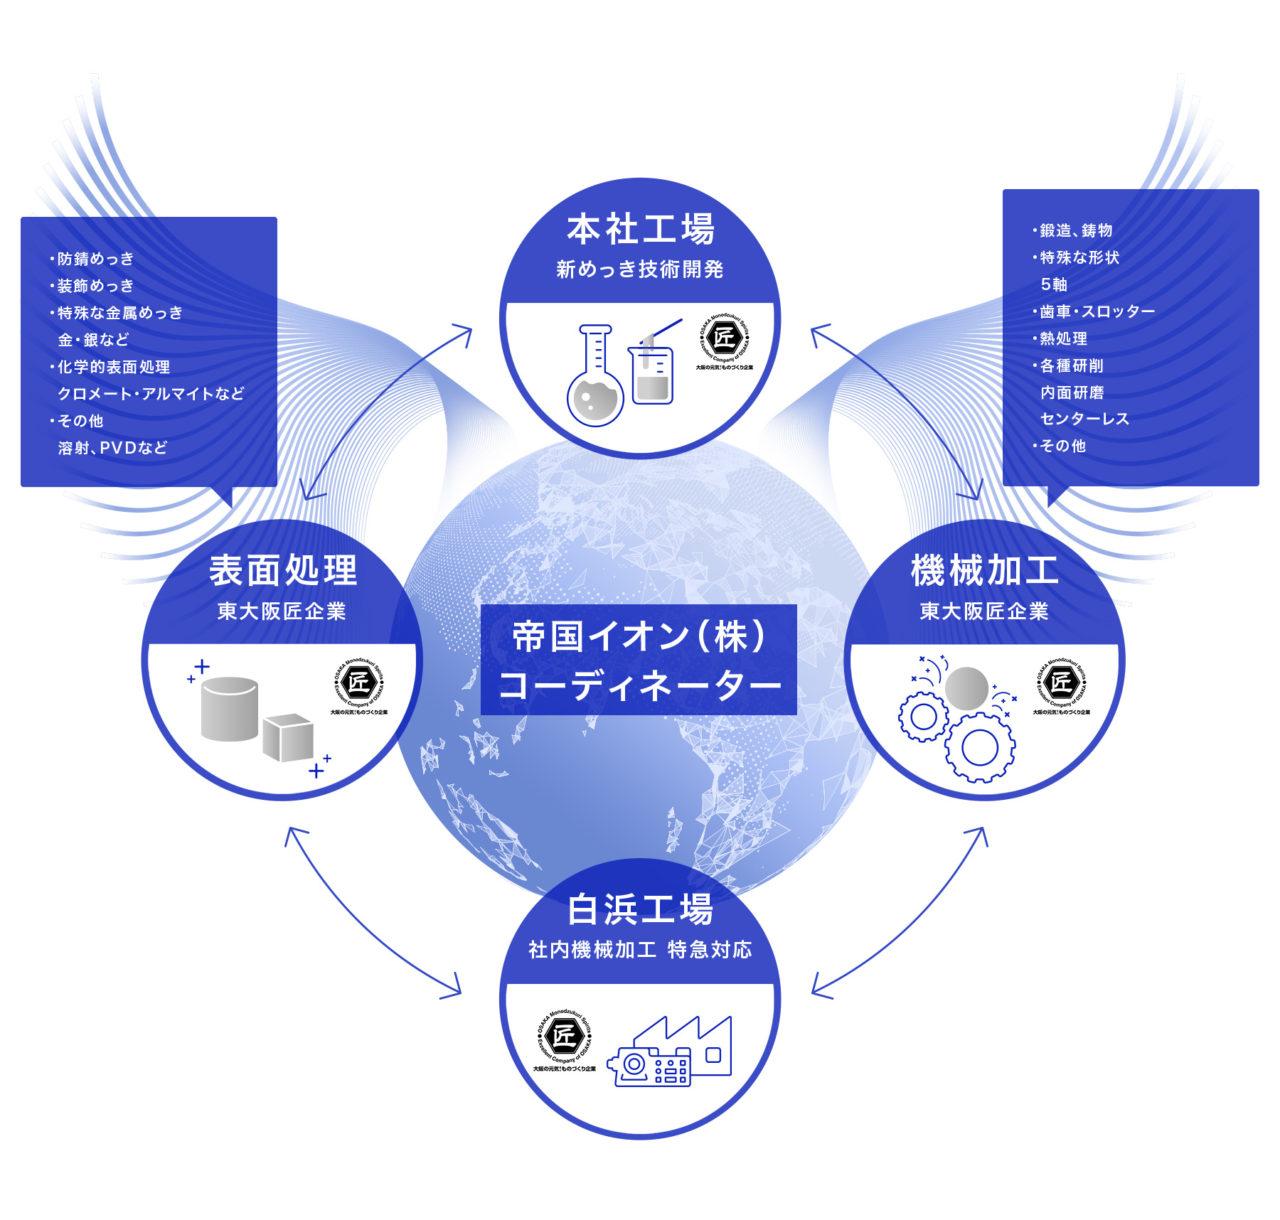 東大阪の匠企業が連携するものづくりネットワーク